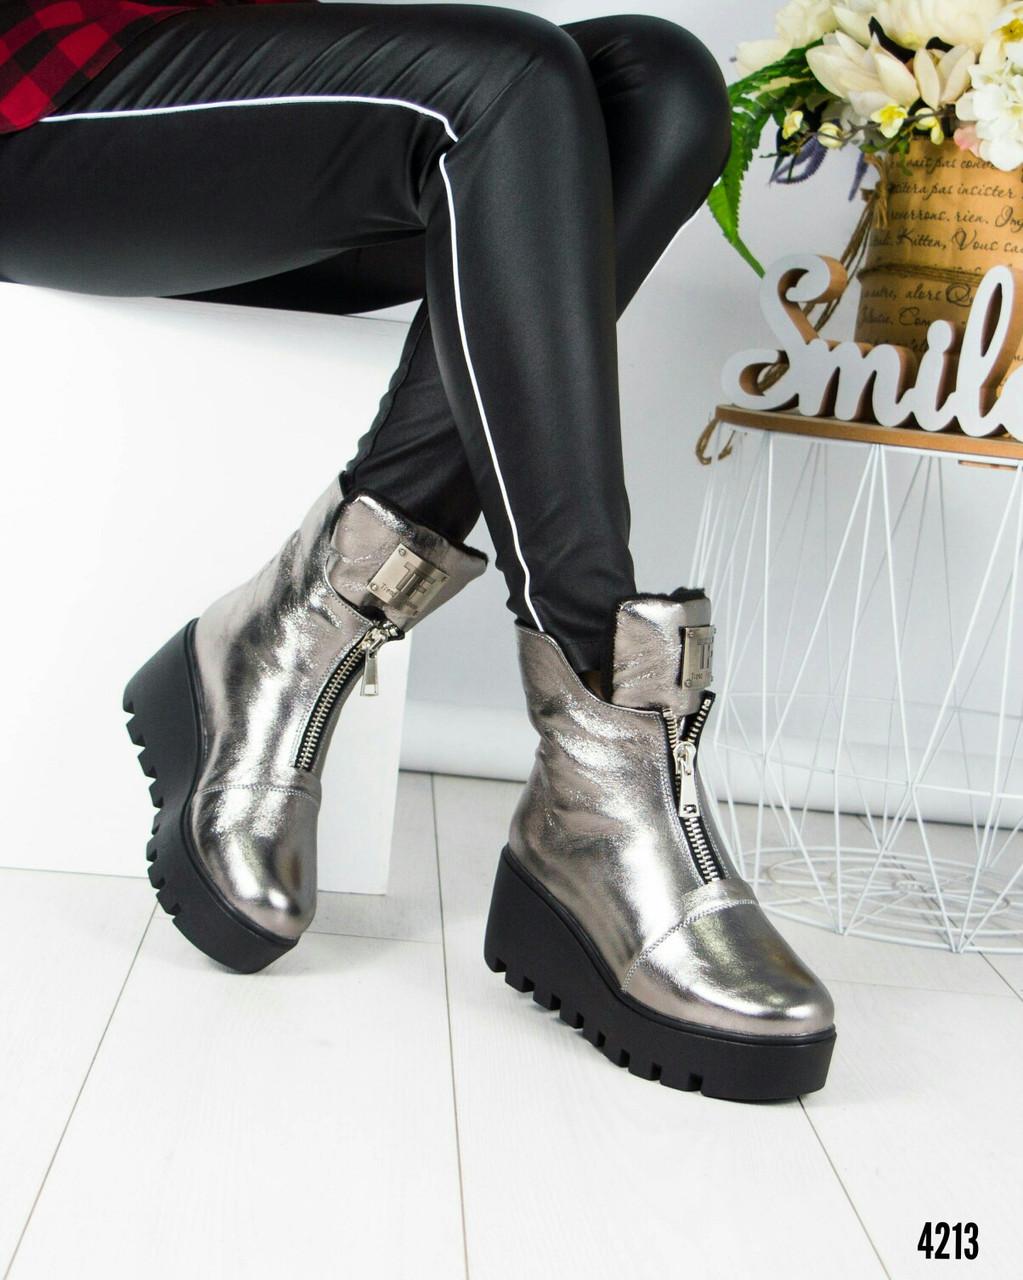 Зимние серебристые ботинки  Размер 39 (24.5 см)